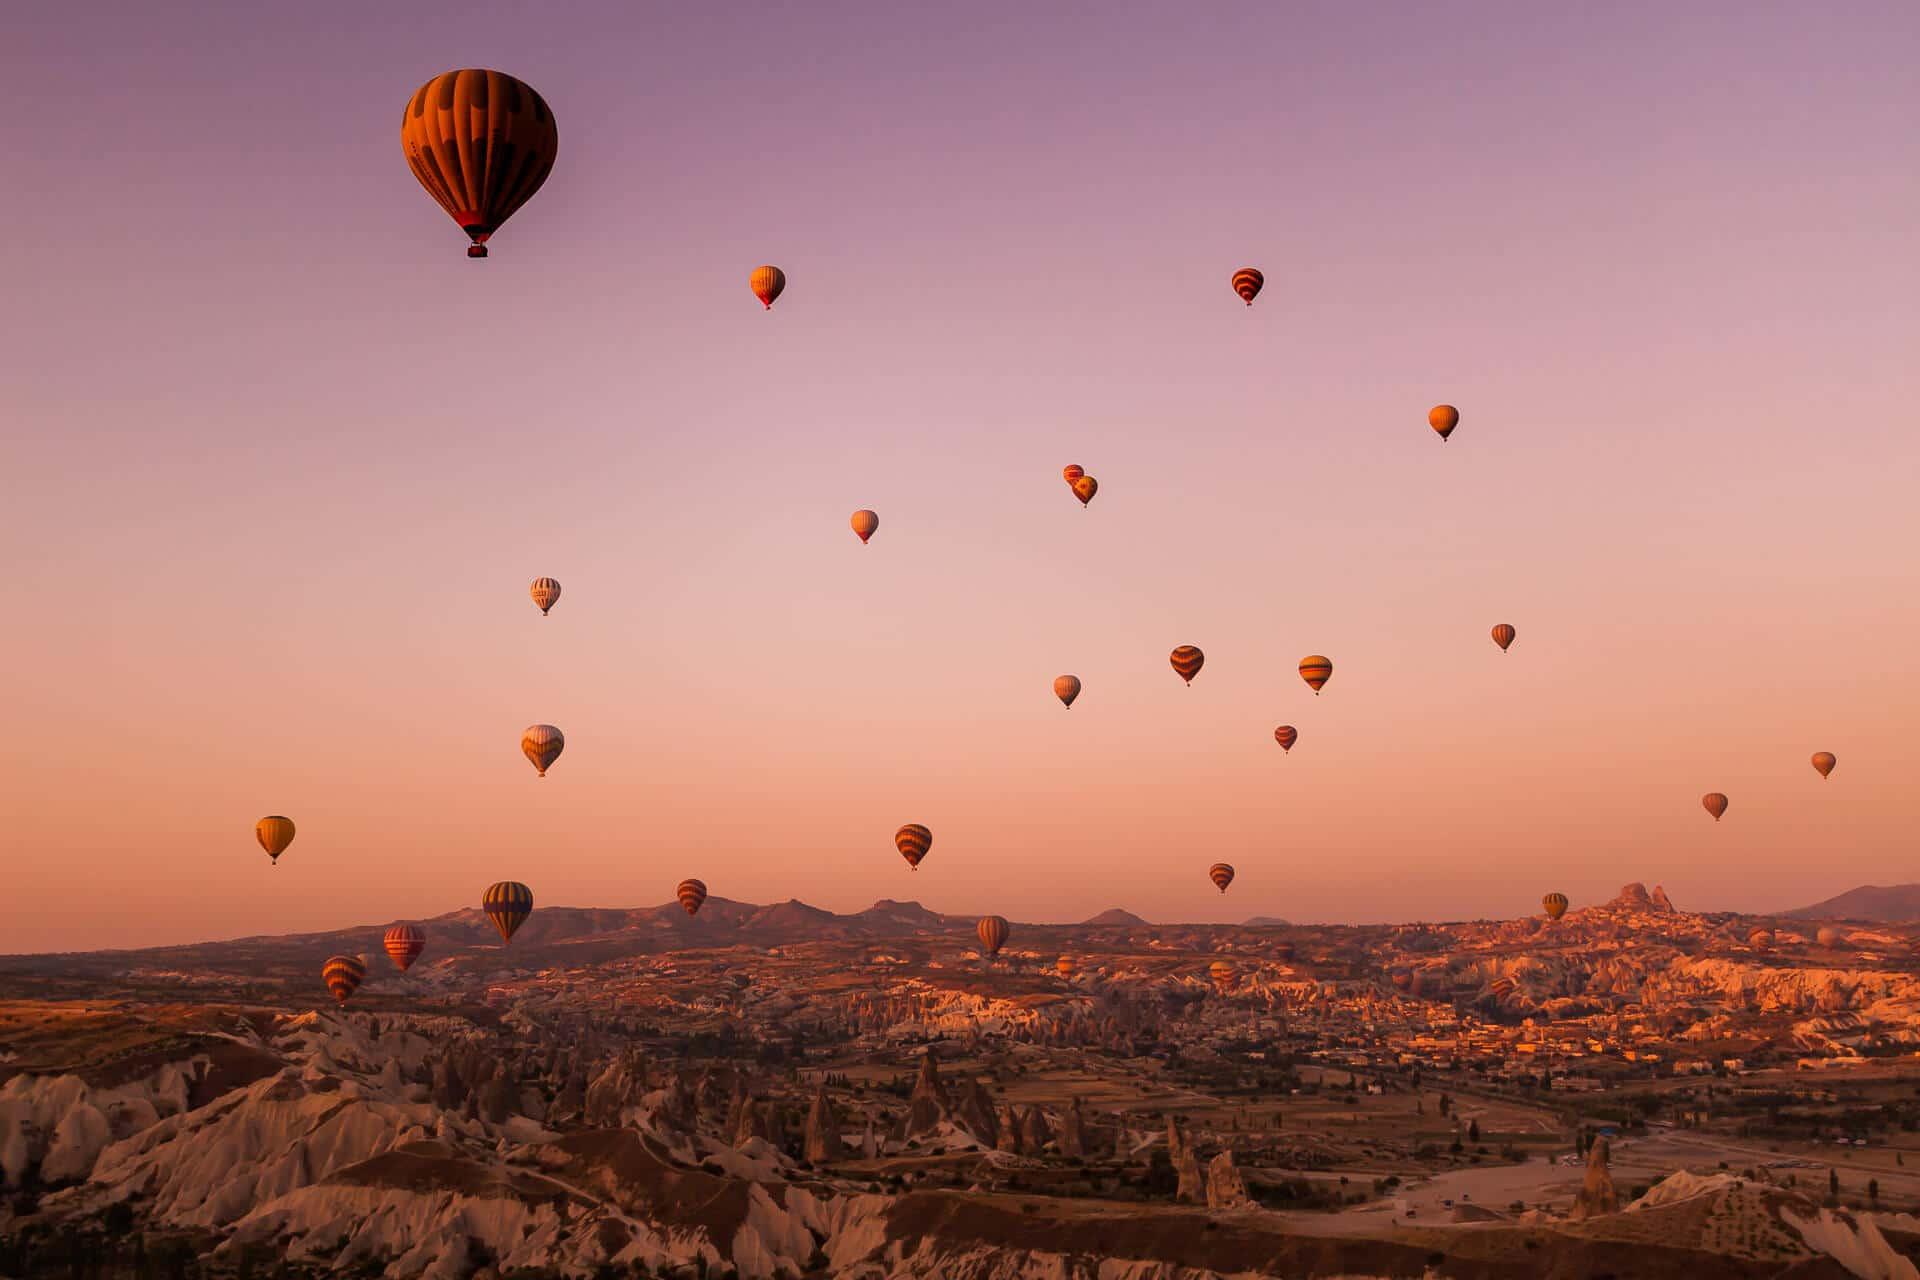 Sonnenaufgang im Heißluftballon über Kappadokien, Türkei – ein unvergessliches Erlebnis!